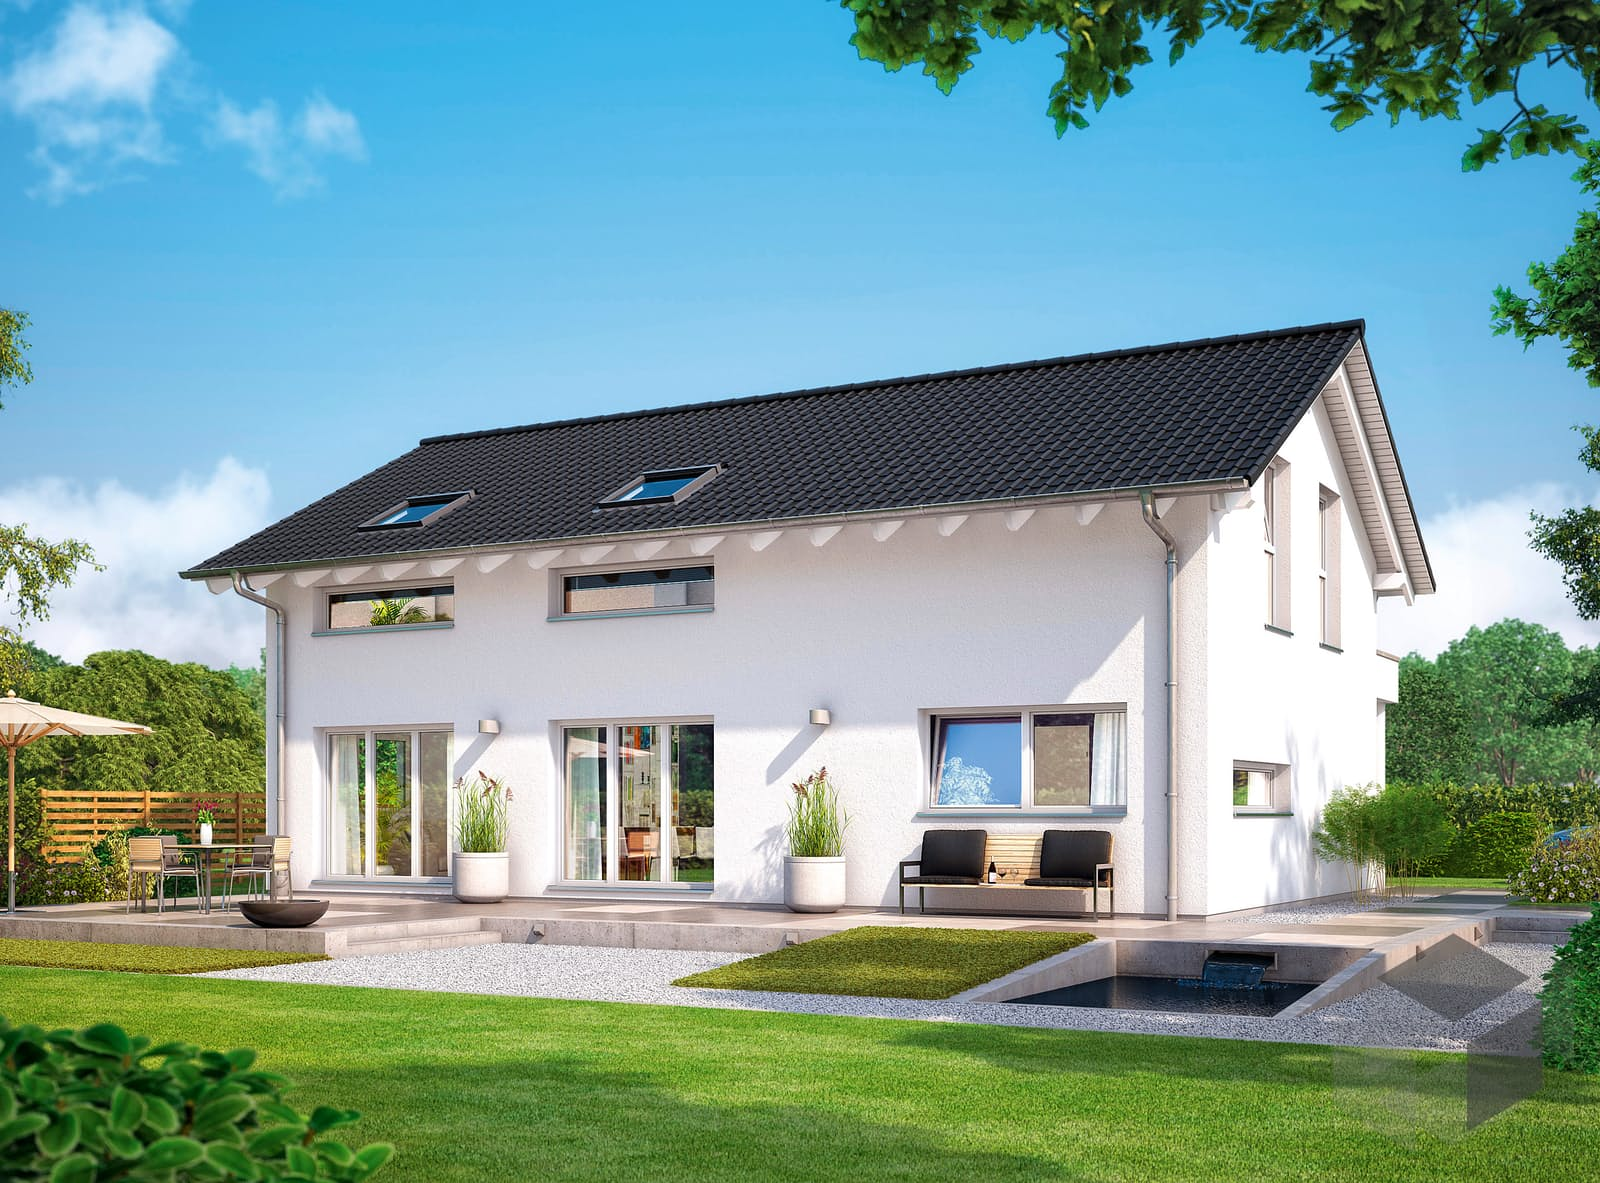 sunshine 310 von weberhaus komplette daten bersicht. Black Bedroom Furniture Sets. Home Design Ideas